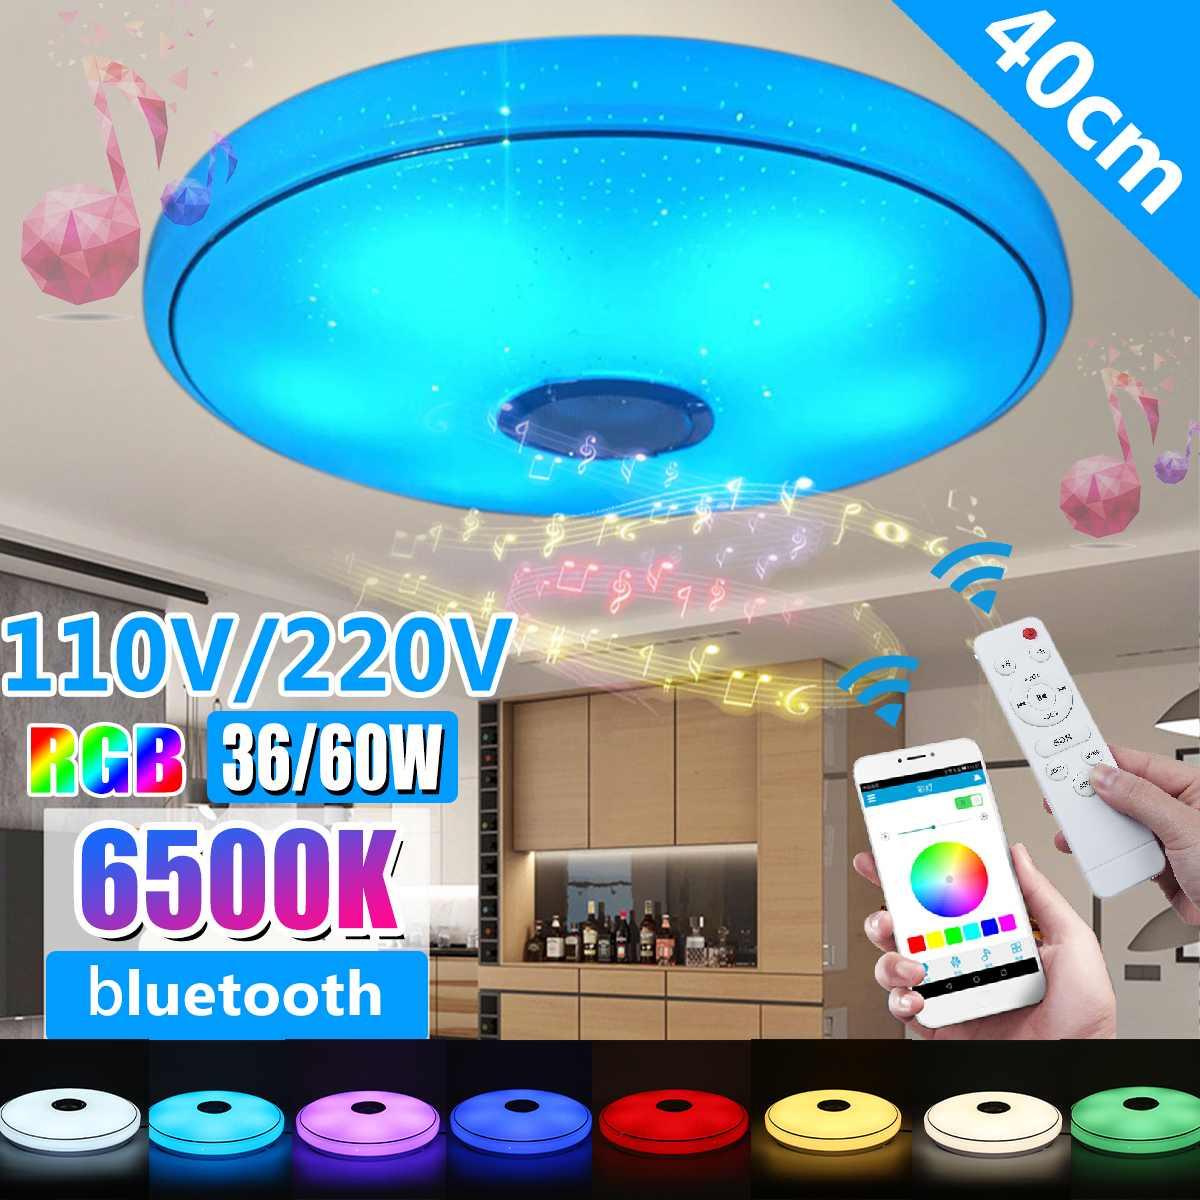 Moderno RGB HA CONDOTTO Le Luci del Soffitto Per La Casa di illuminazione 36W 60W APP bluetooth Musica Lampade Camera Da Letto Luce Intelligente Lampada A Soffitto + Telecomando